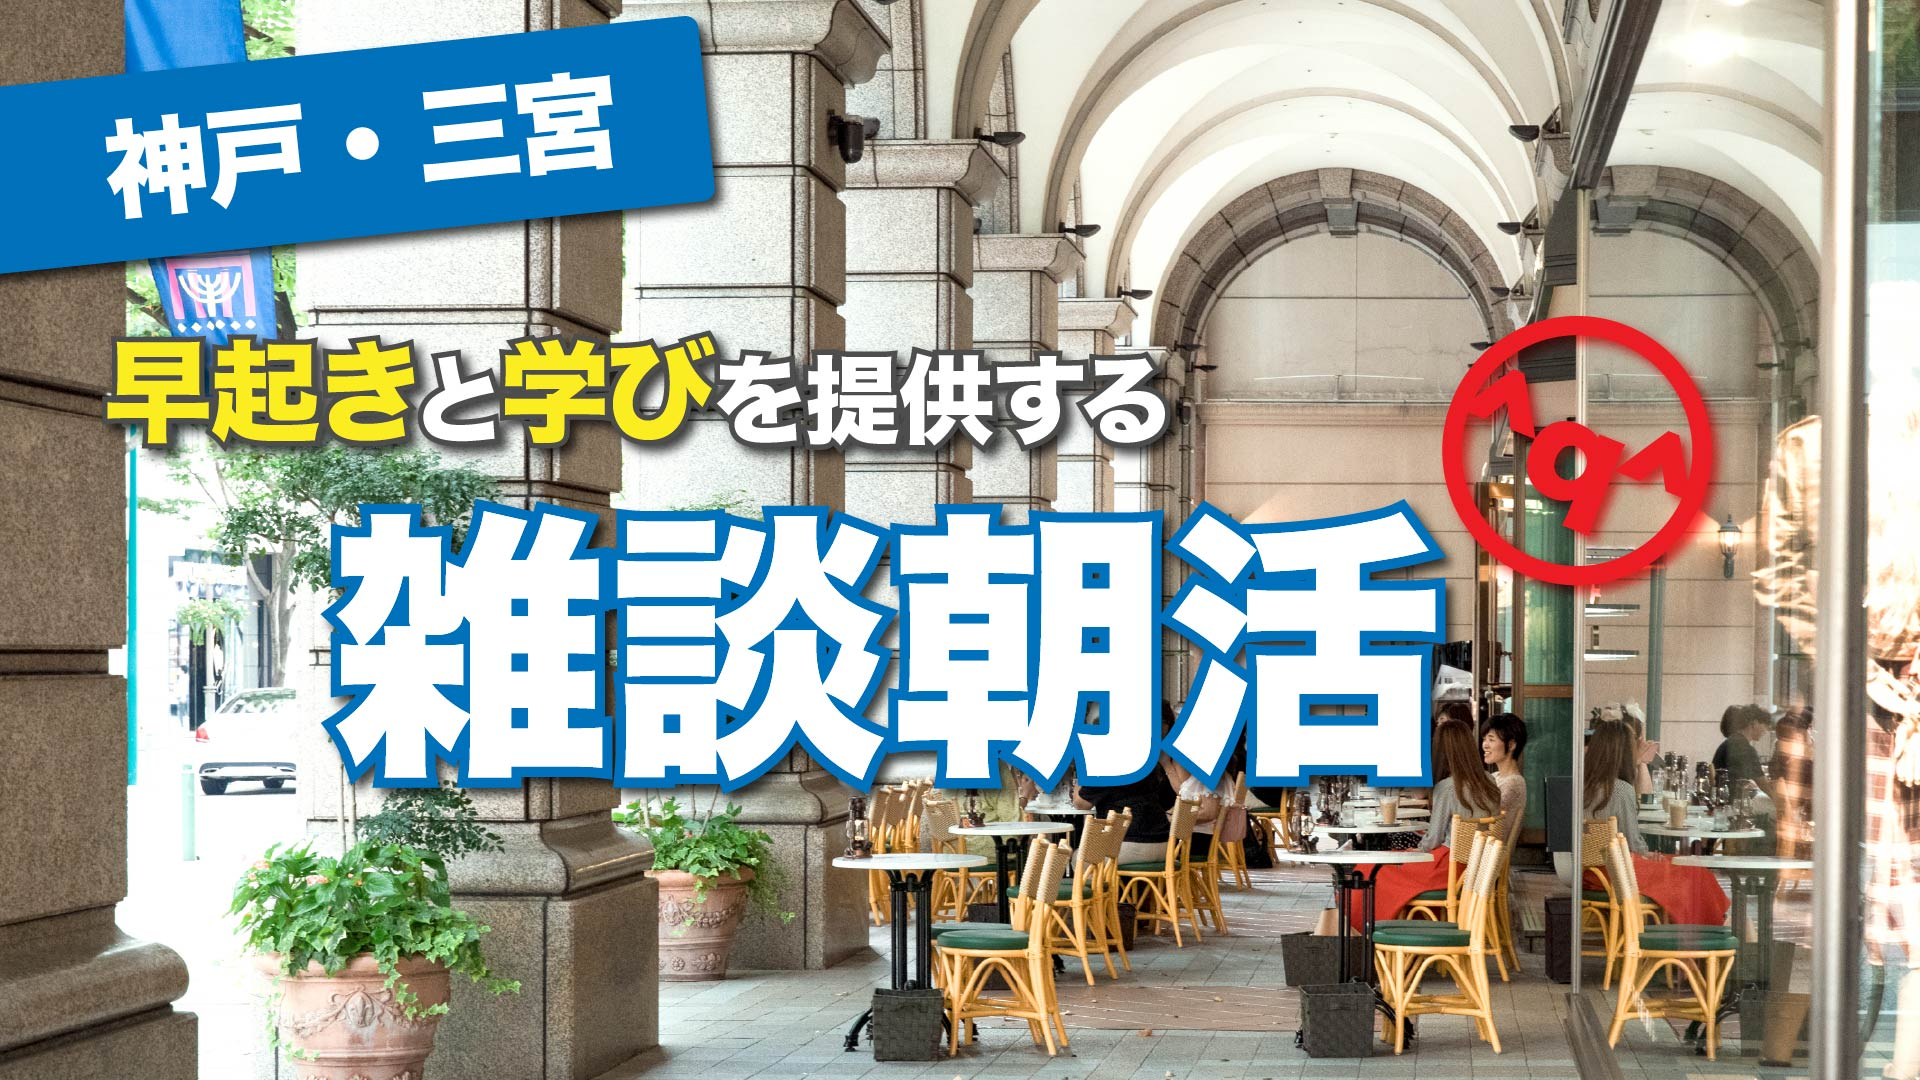 【無料】早起きをして神戸へ行こう!「為になる雑談朝活」